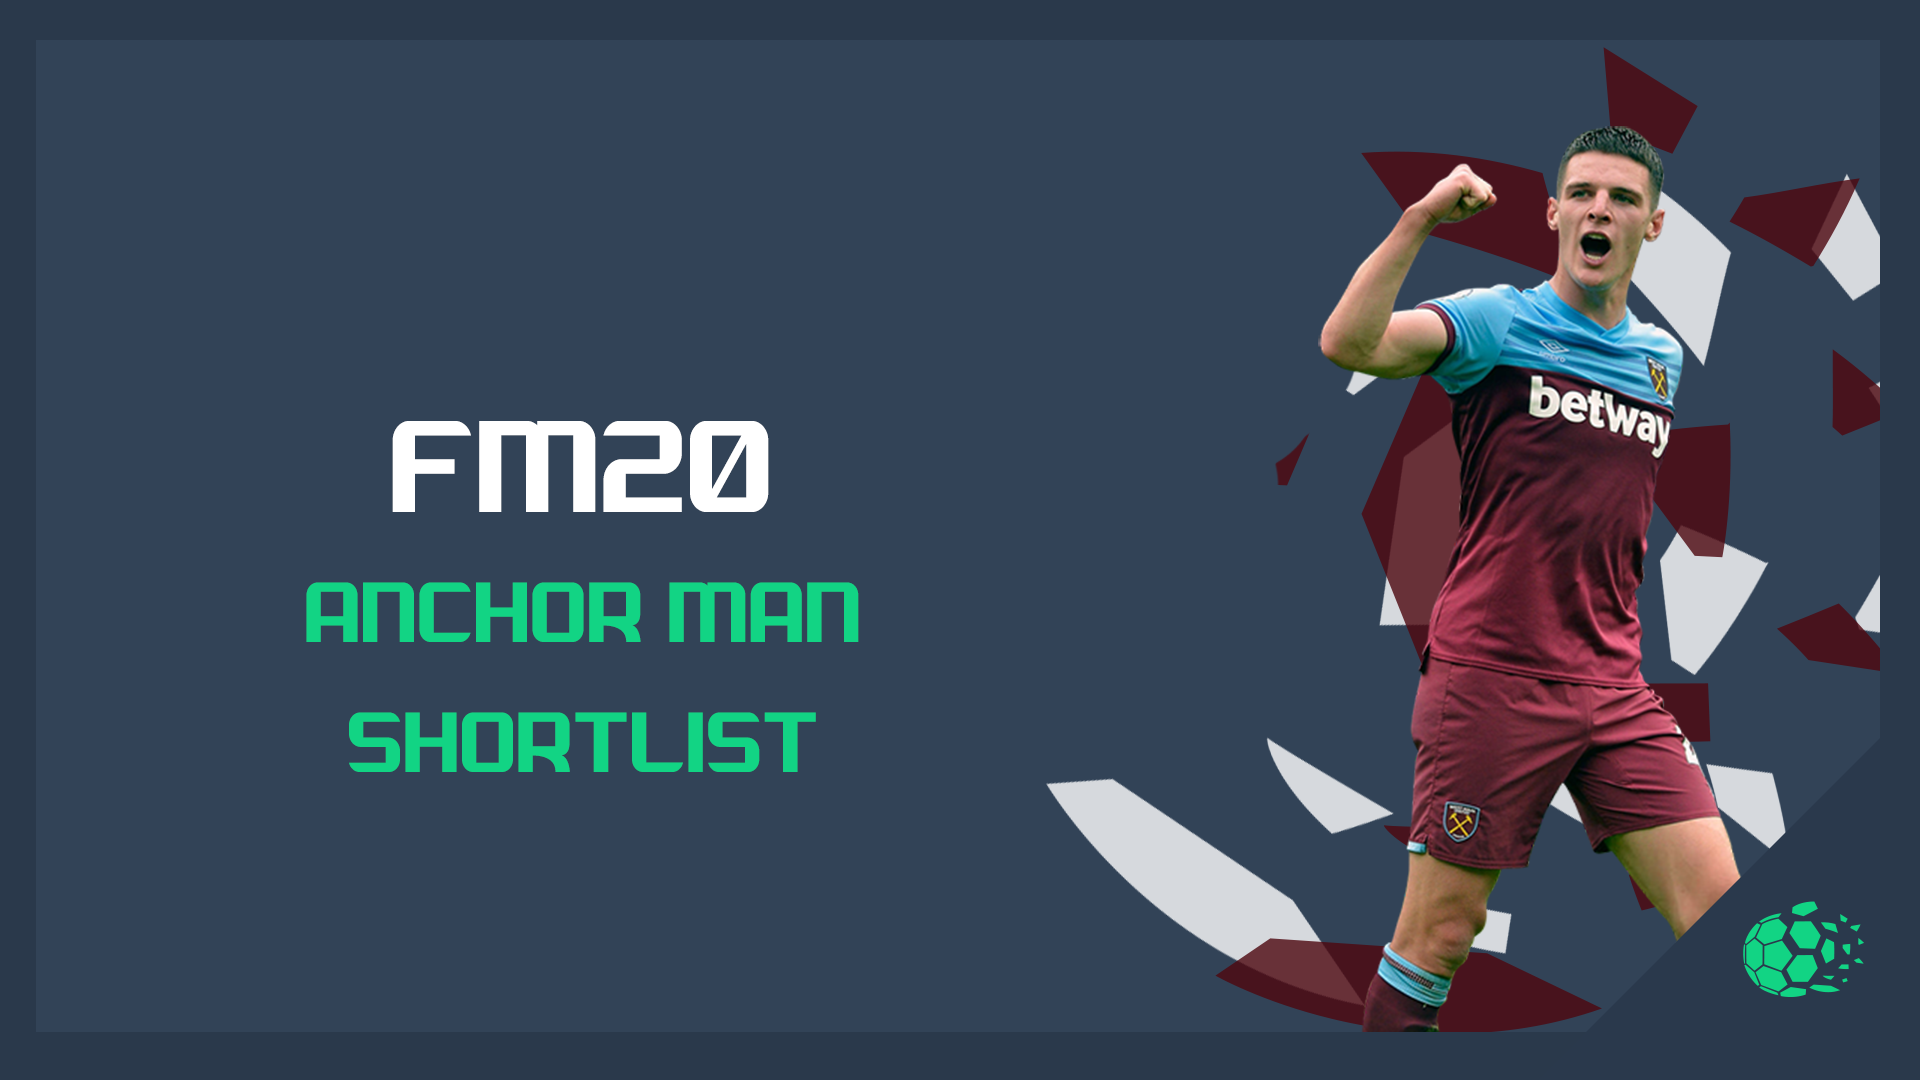 """""""FM20FM20 - Anchor Man Shortlist"""" feature image"""